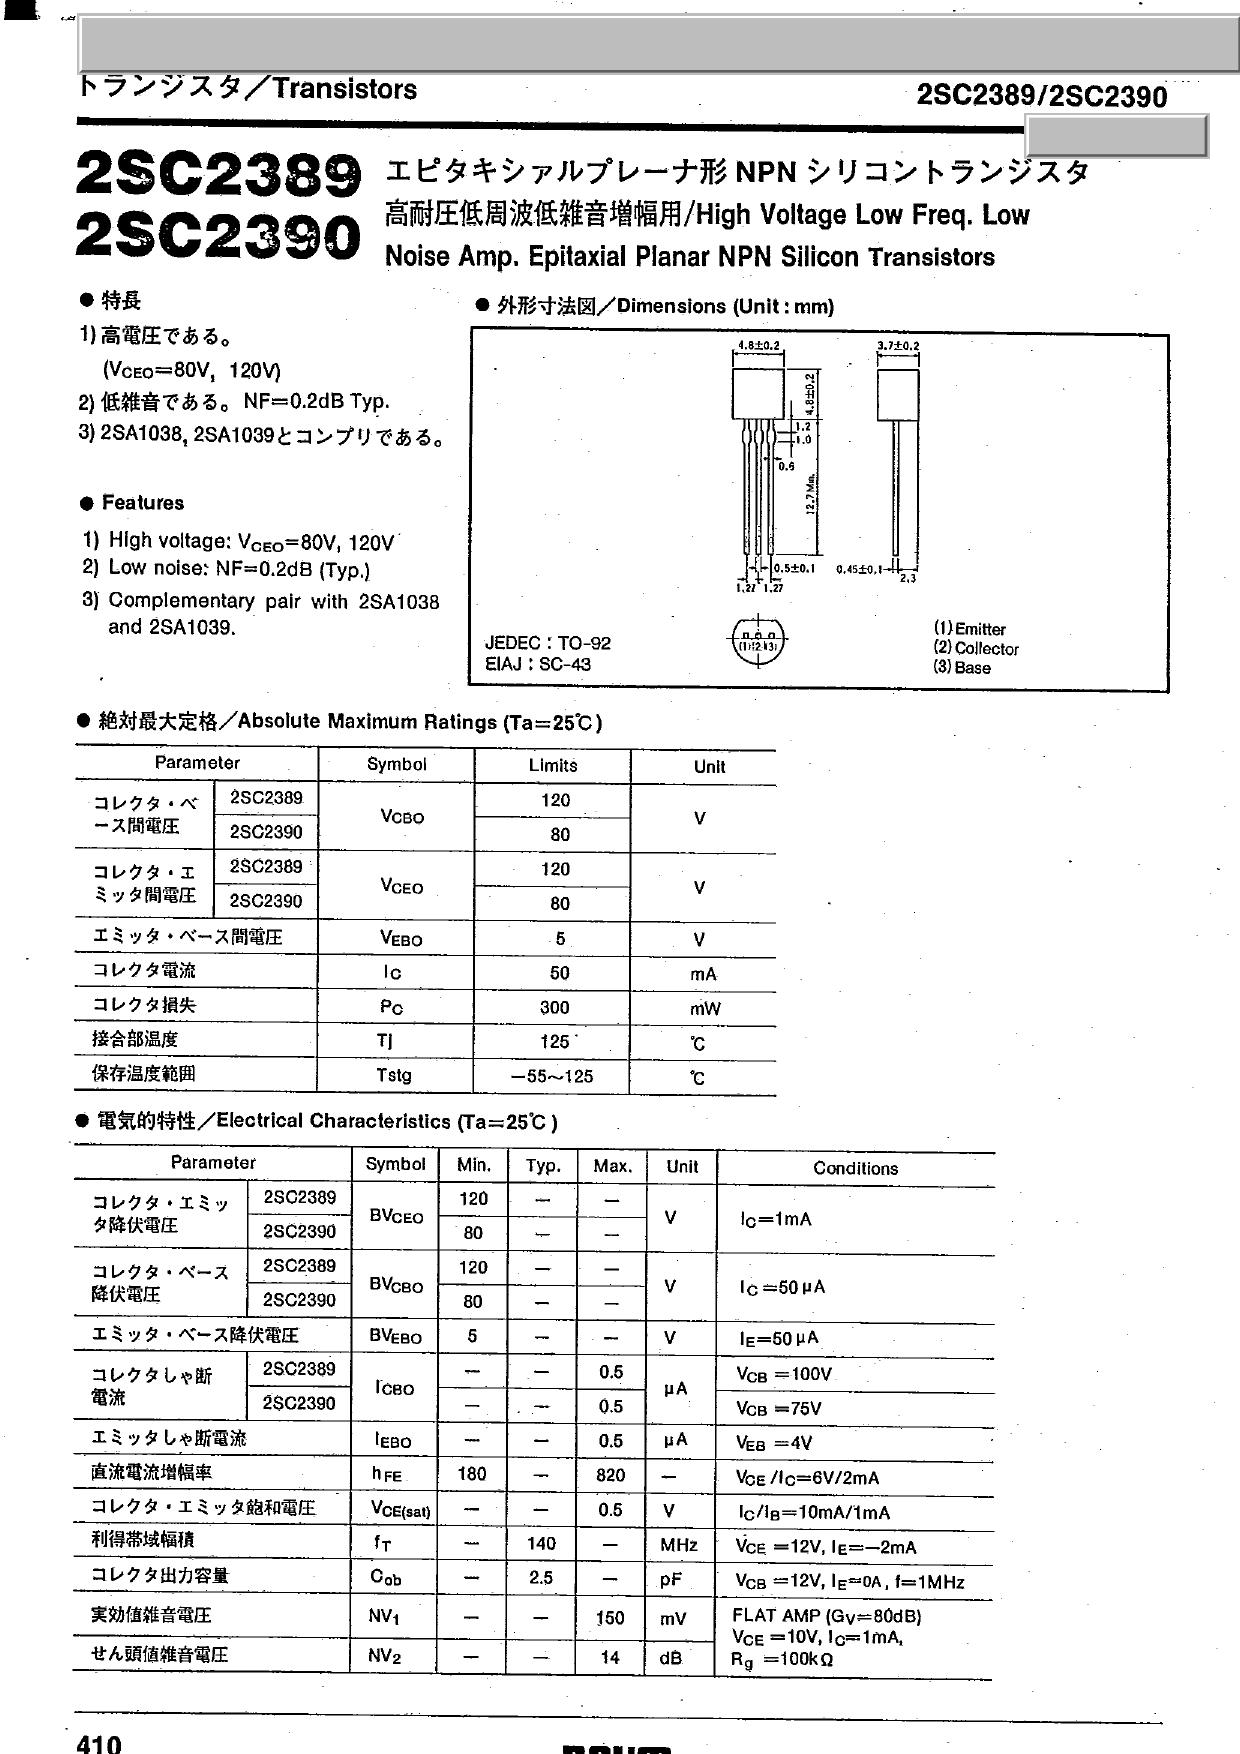 C2389 datasheet pinout